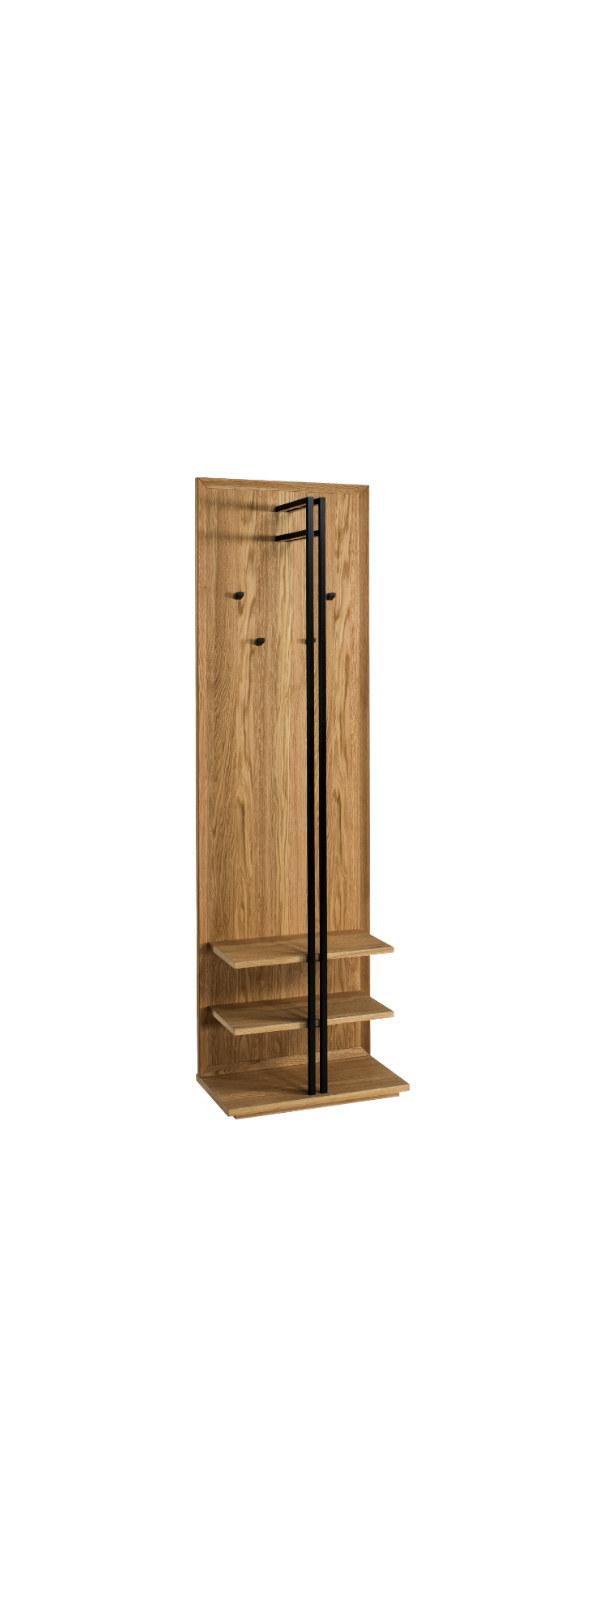 drewniany-wieszak-na-ubrania-dab